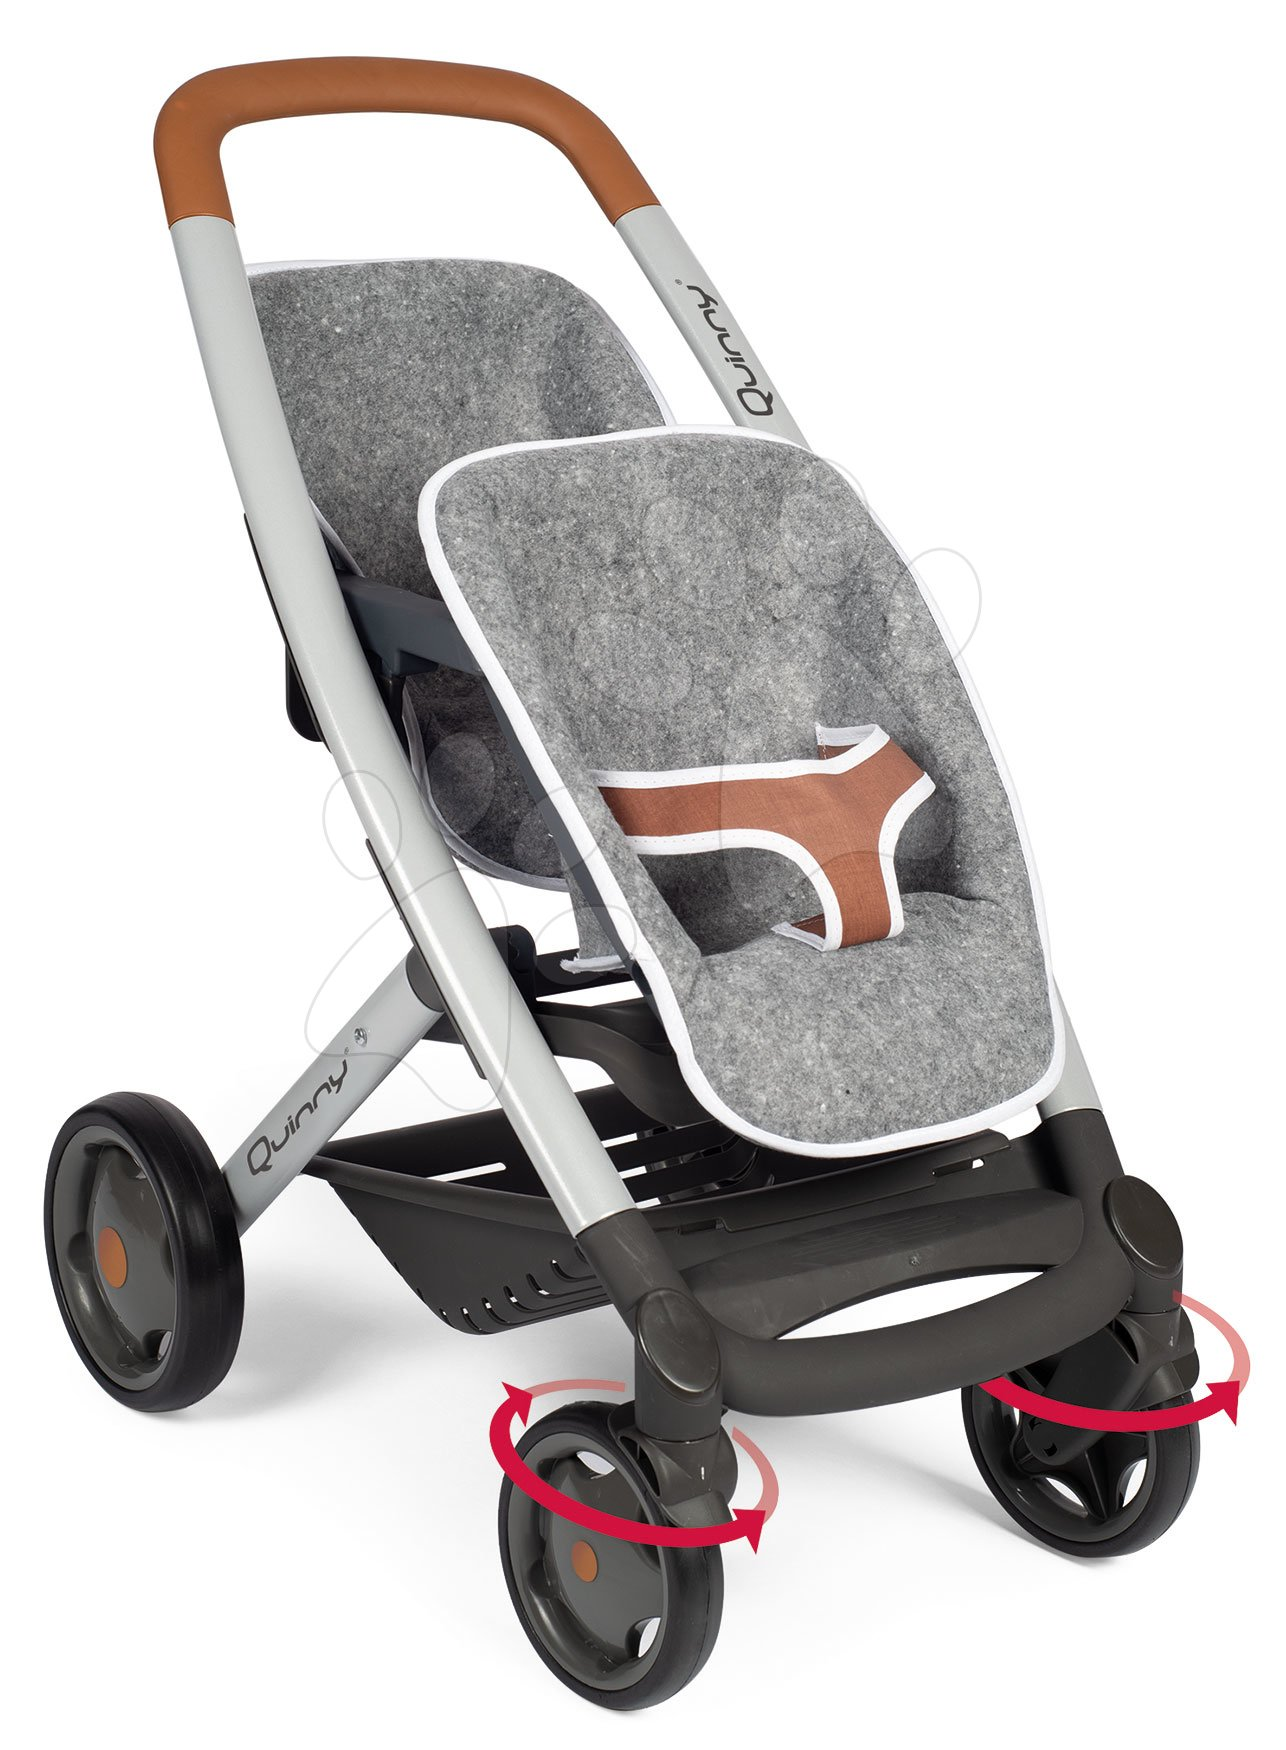 Vozički za dojenčke - Voziček za dva dojenčka DeLuxe Pastel Maxi Cosi&Quinny Grey Smoby s premičnim naslonjalom in z višino ročaja 65 cm